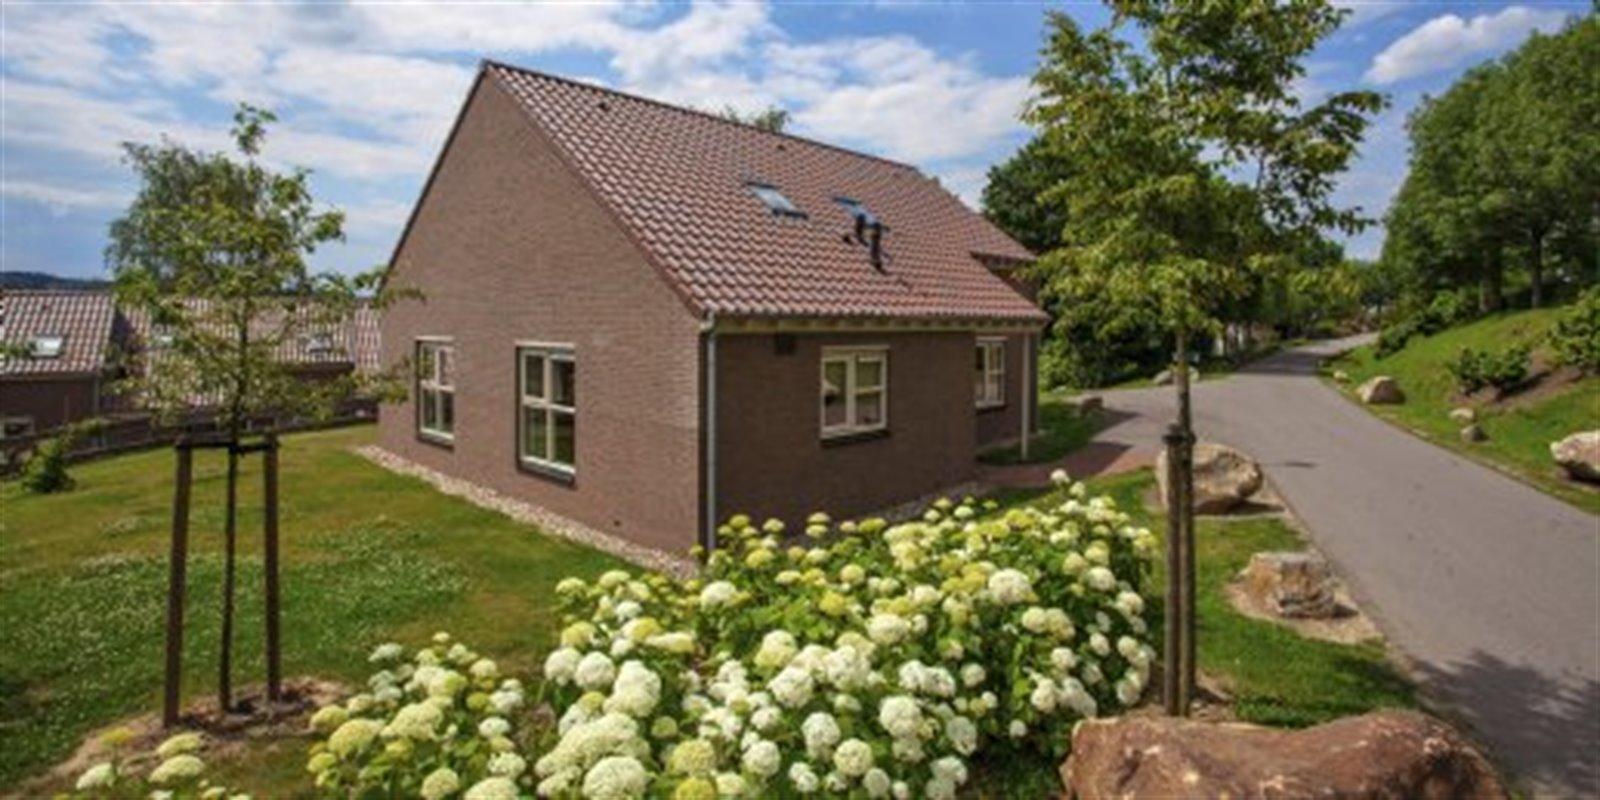 Landal Hoog Vaals | 12-Pers.-Ferienhaus - Luxus...